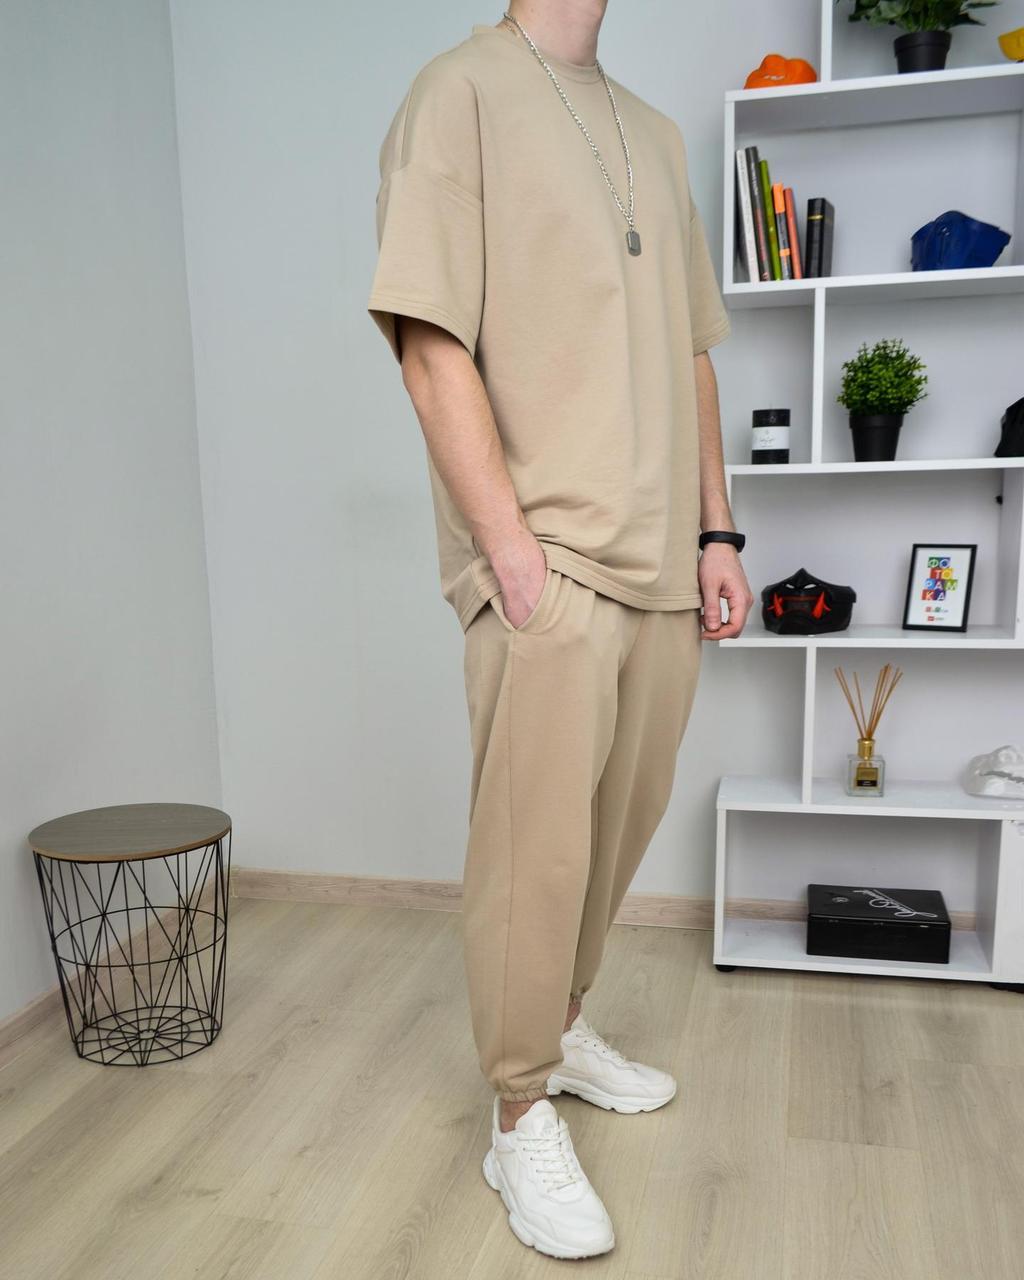 Летний комплект мужской бежевого цвета штаны + футболка